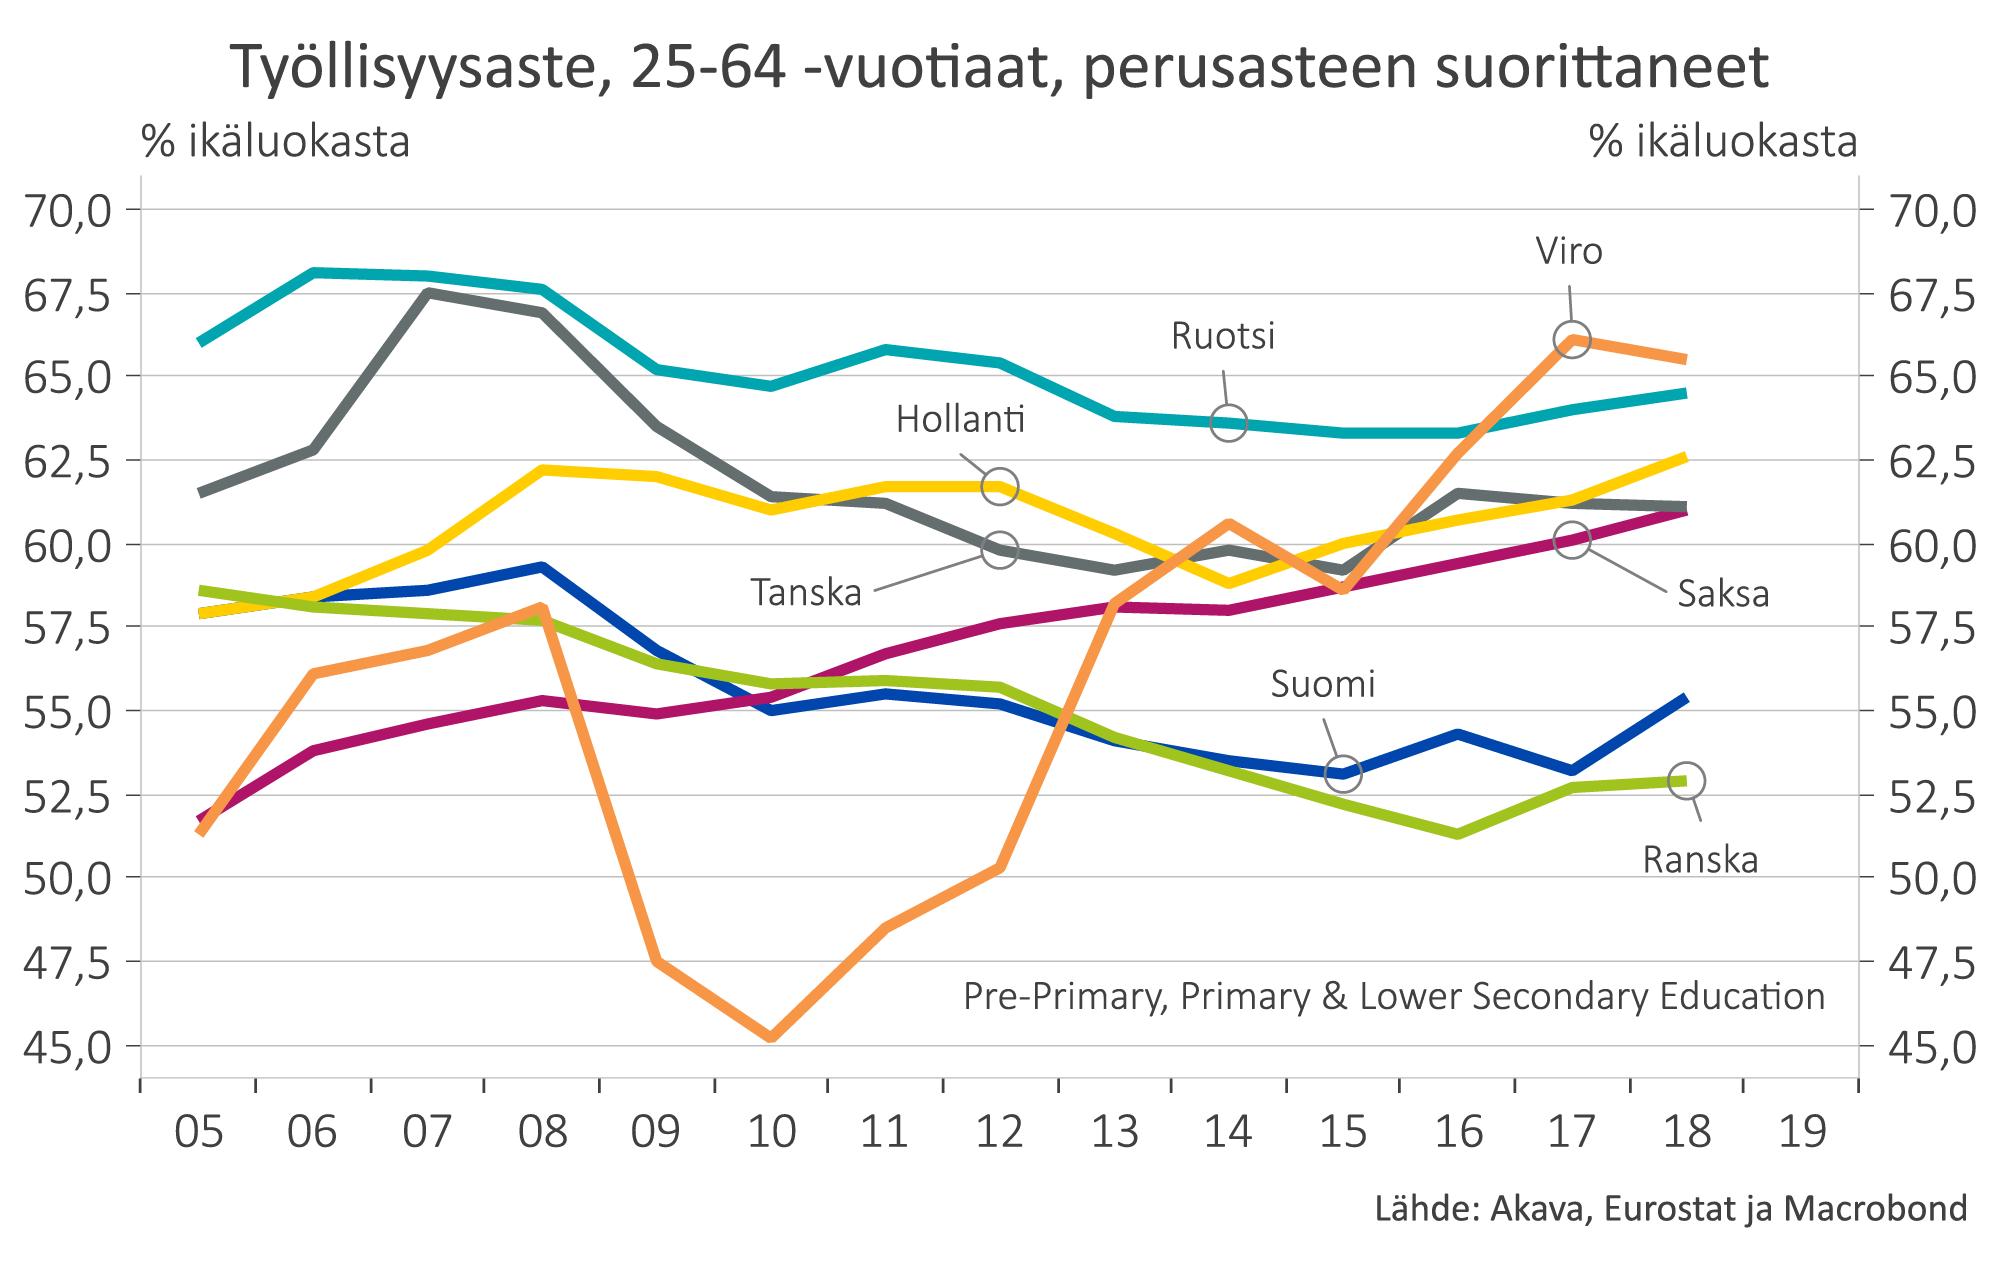 Kuvaaja: Työllisyysasteet eri maissa, 25-64 -vuotiaat, perusasteen suorittaneet